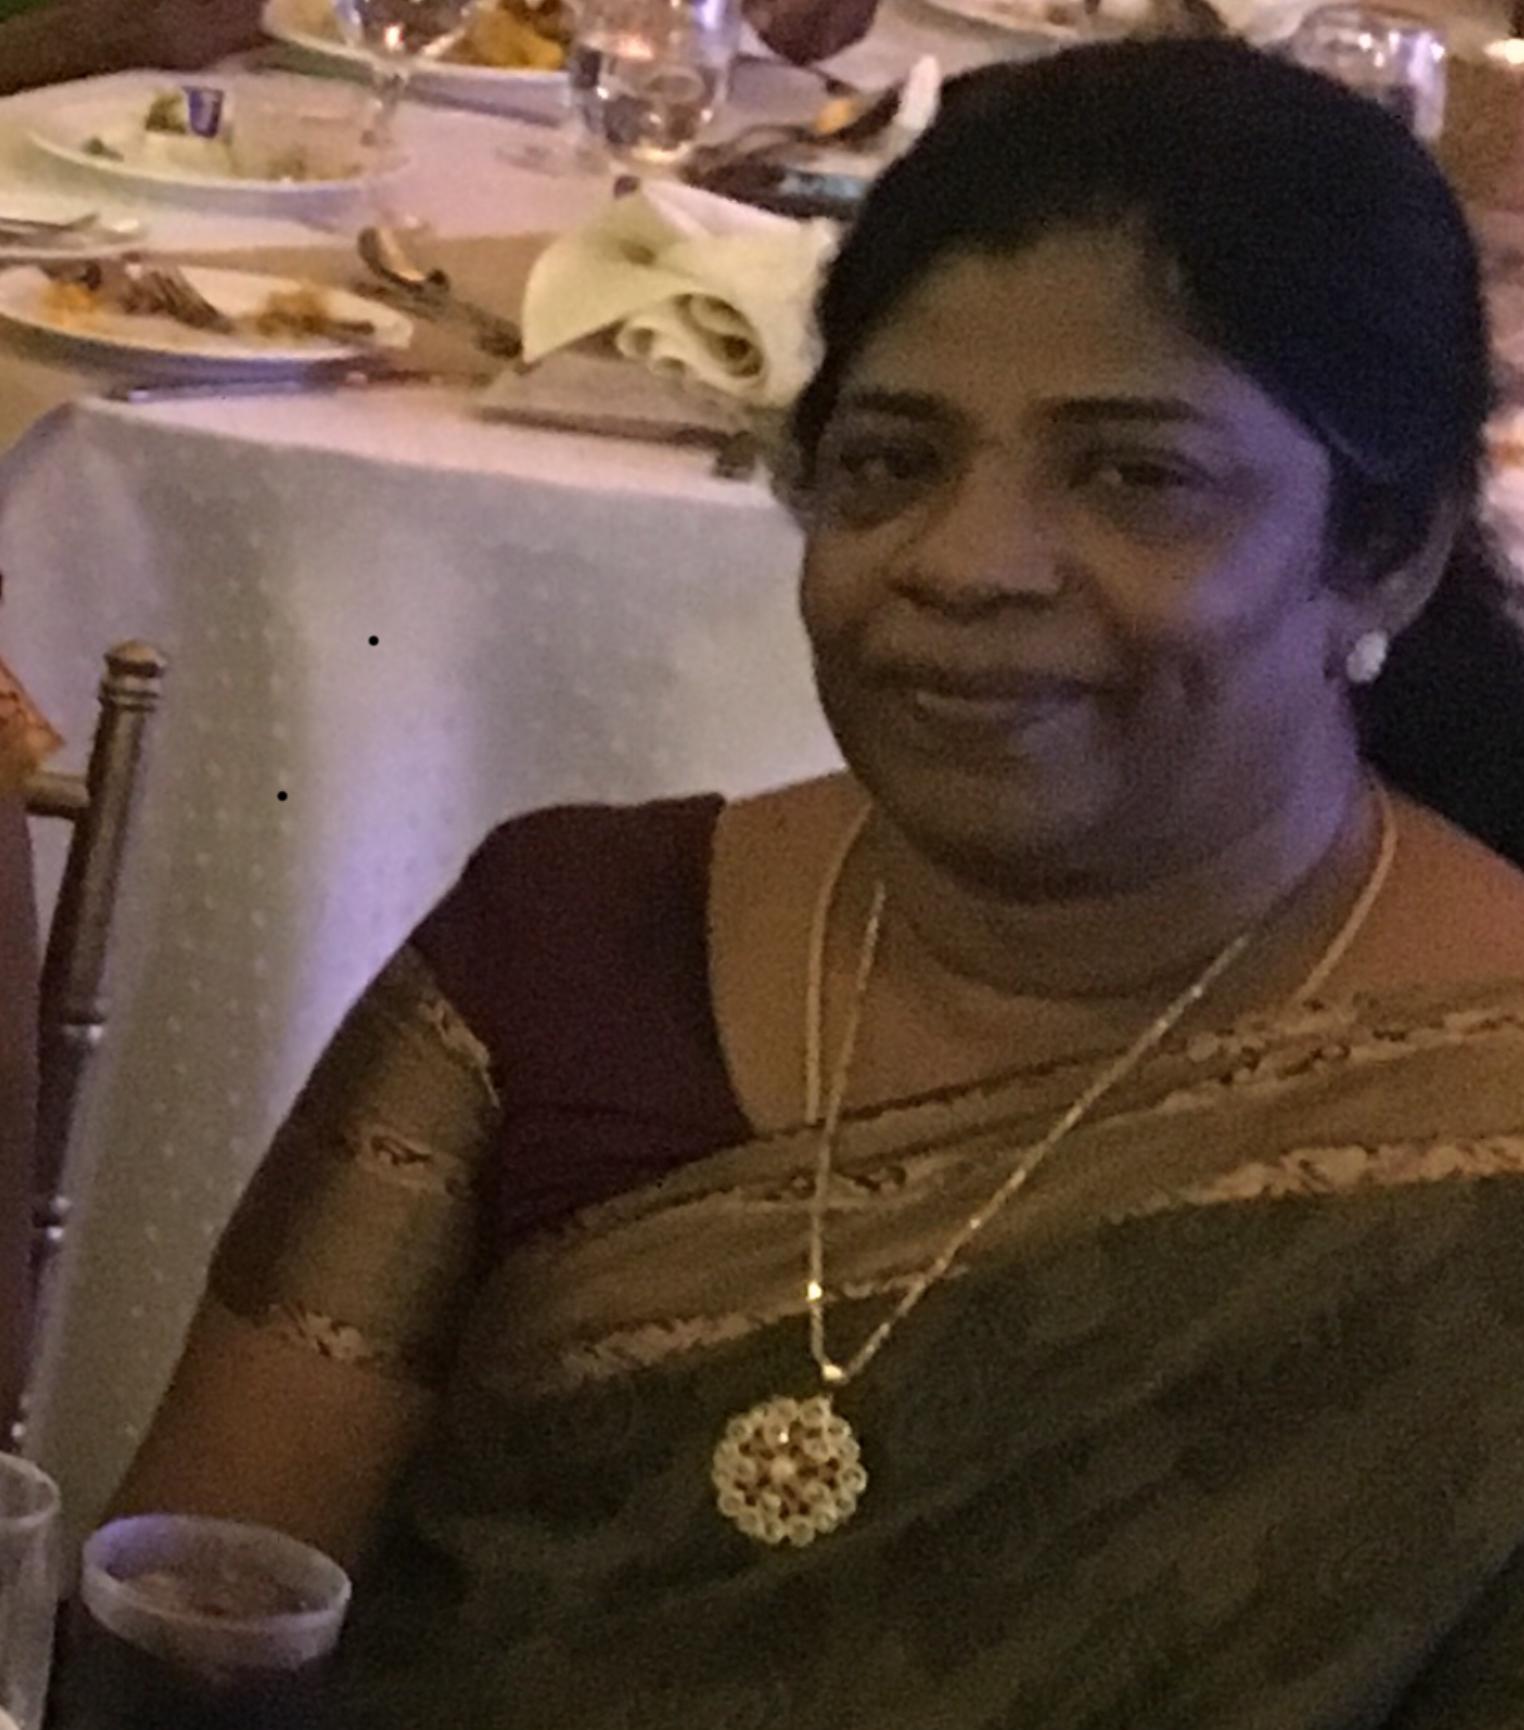 Mrs. Ranji sathianathan